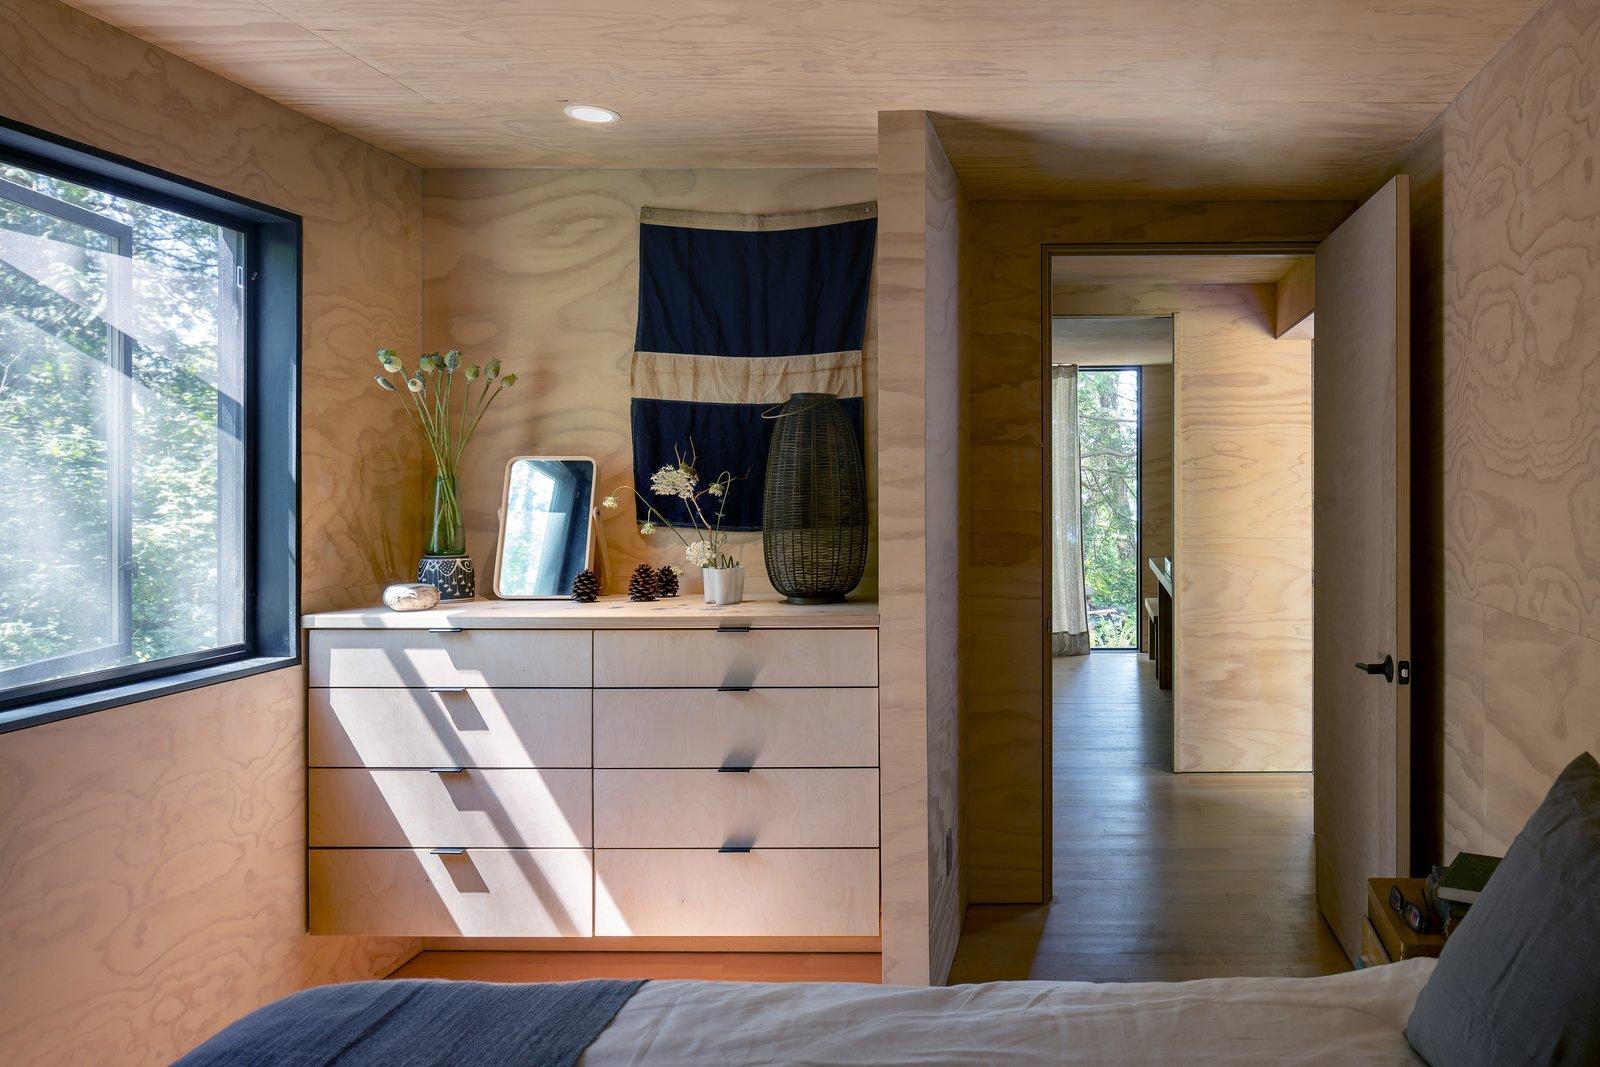 Bedroom Hood Cliff Retreat (Wittman Estes)  Hood Cliff Retreat by Wittman Estes